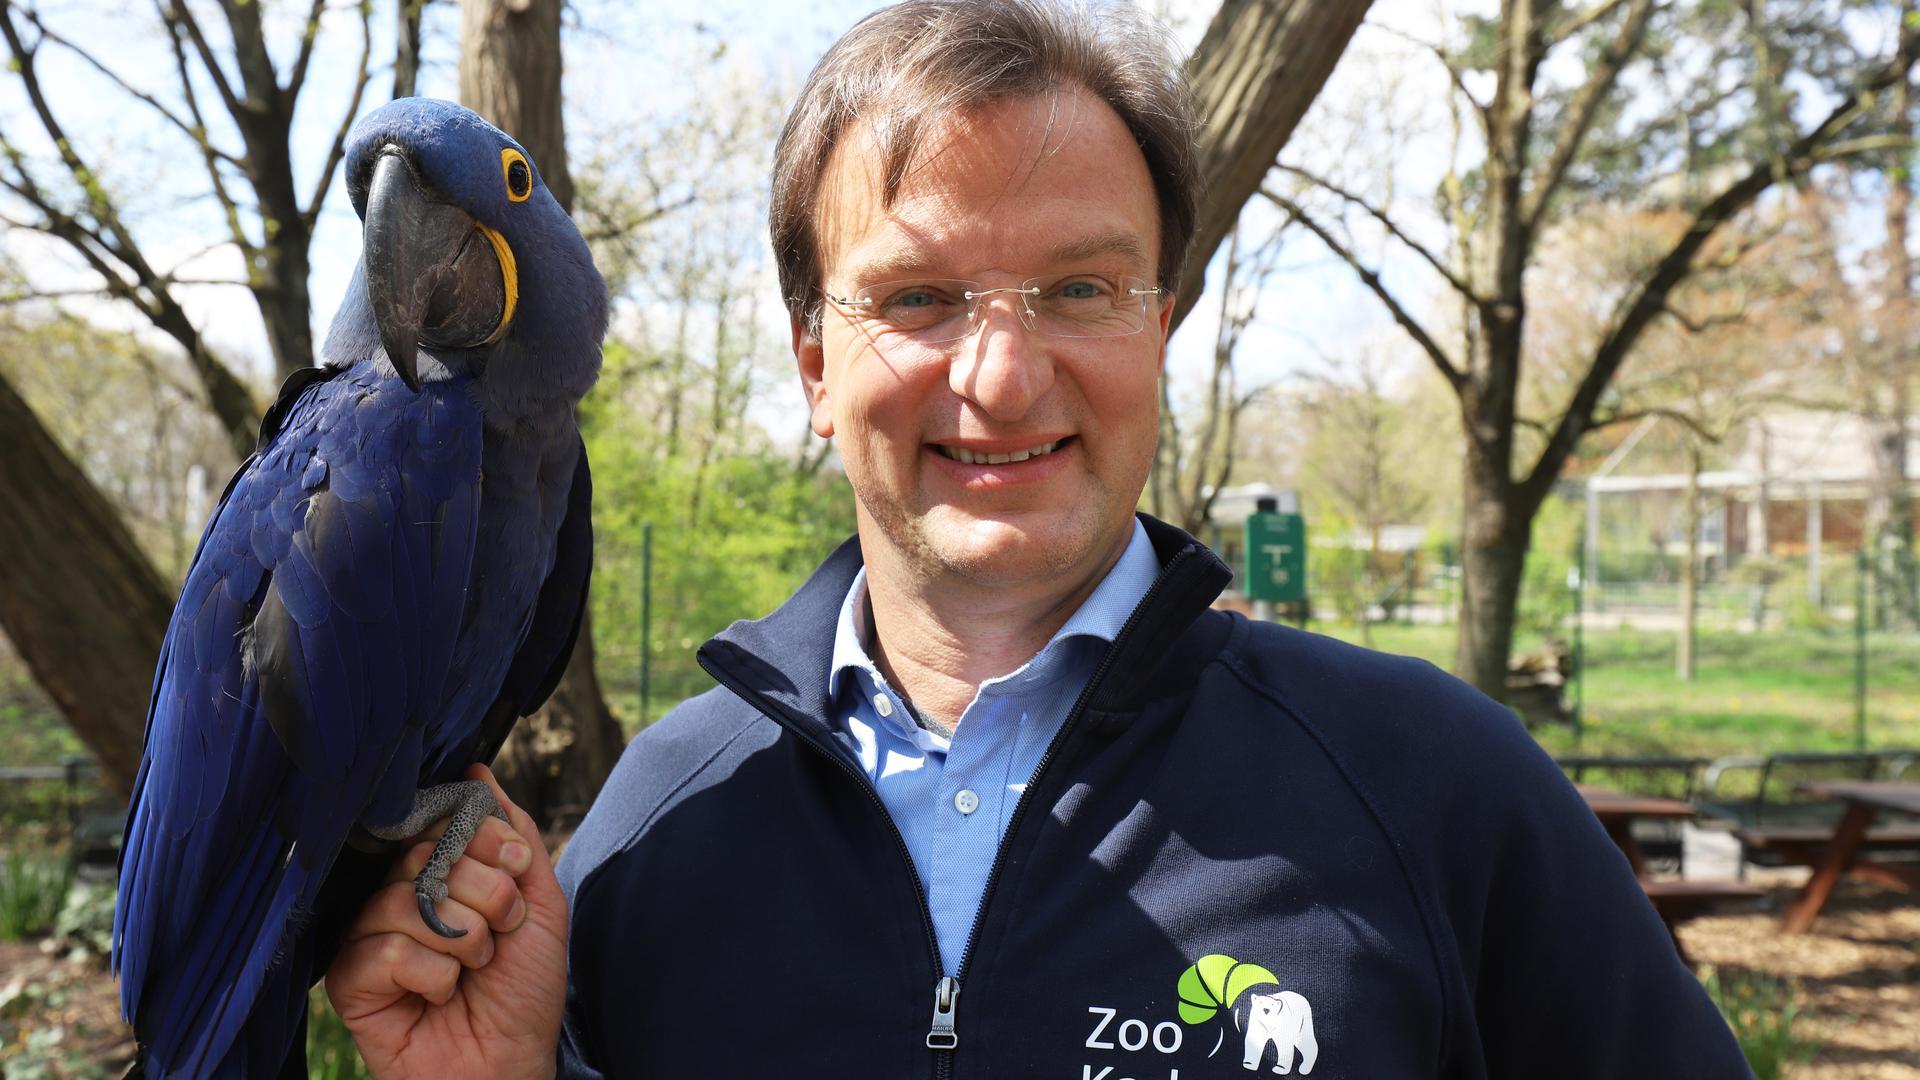 Der Karlsruher Zoodirektors Matthias Reinschmidt mit einem Ara auf dem Finger.